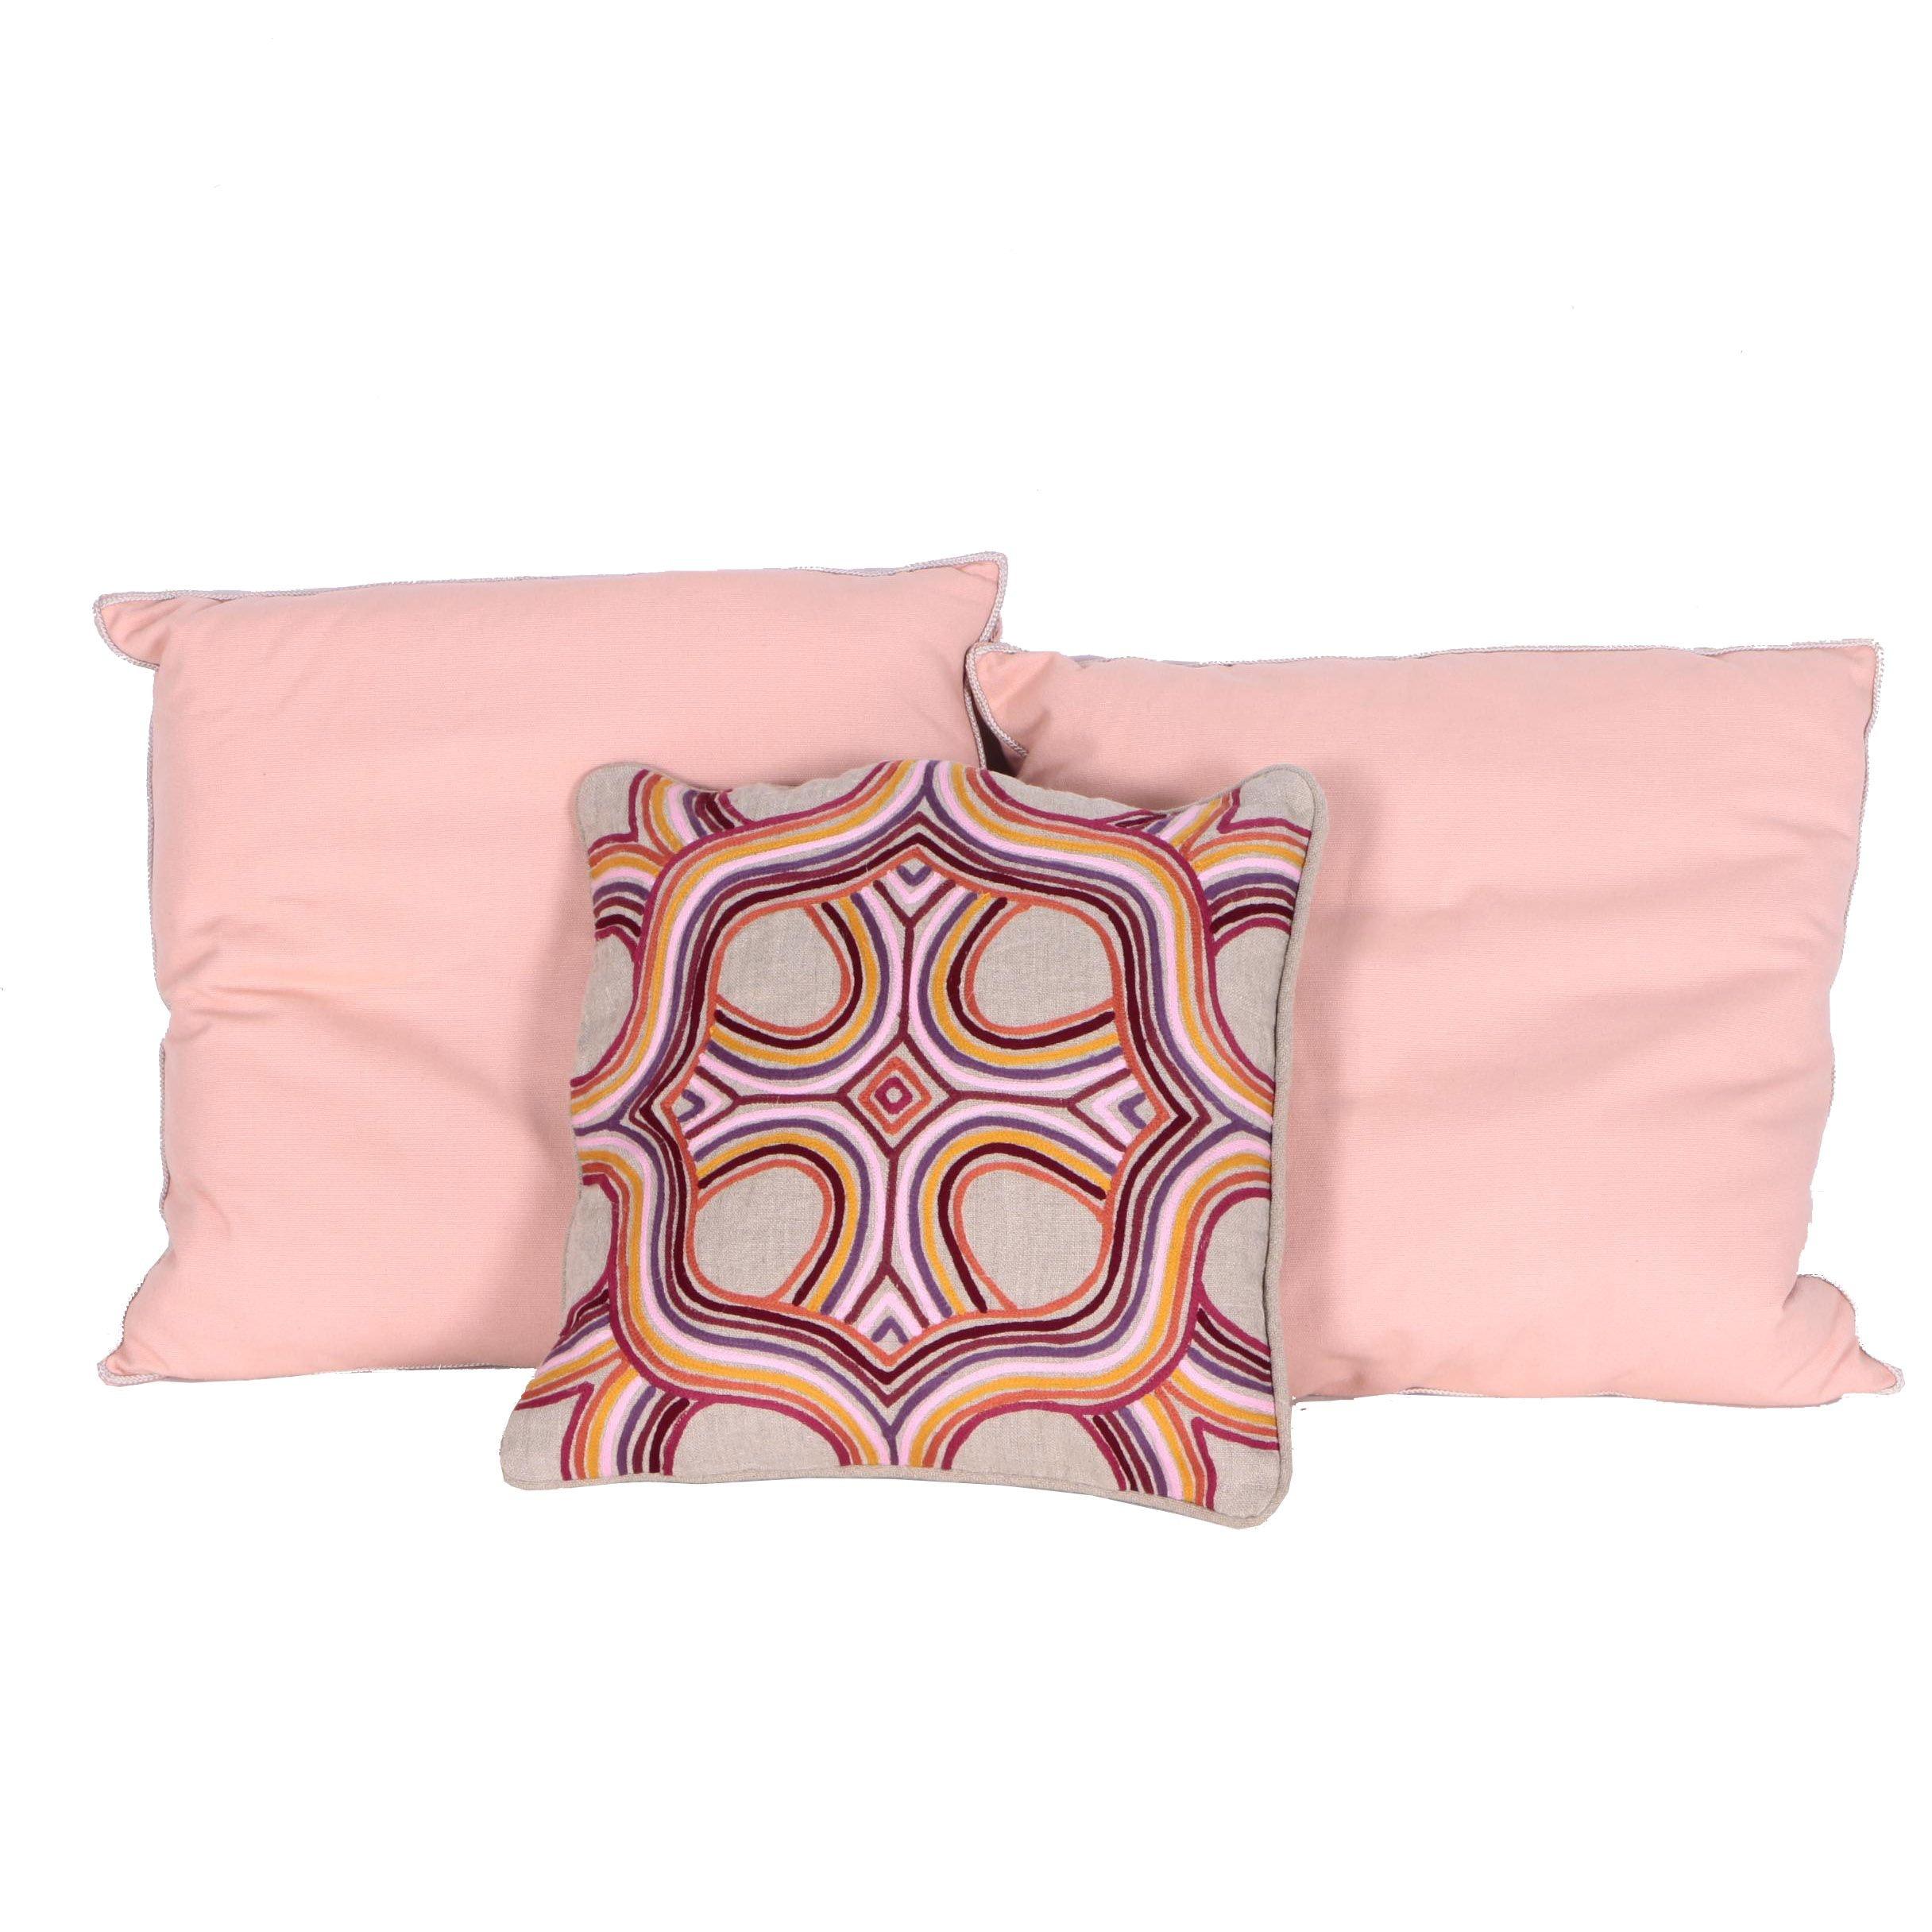 Pink Throw Pillows